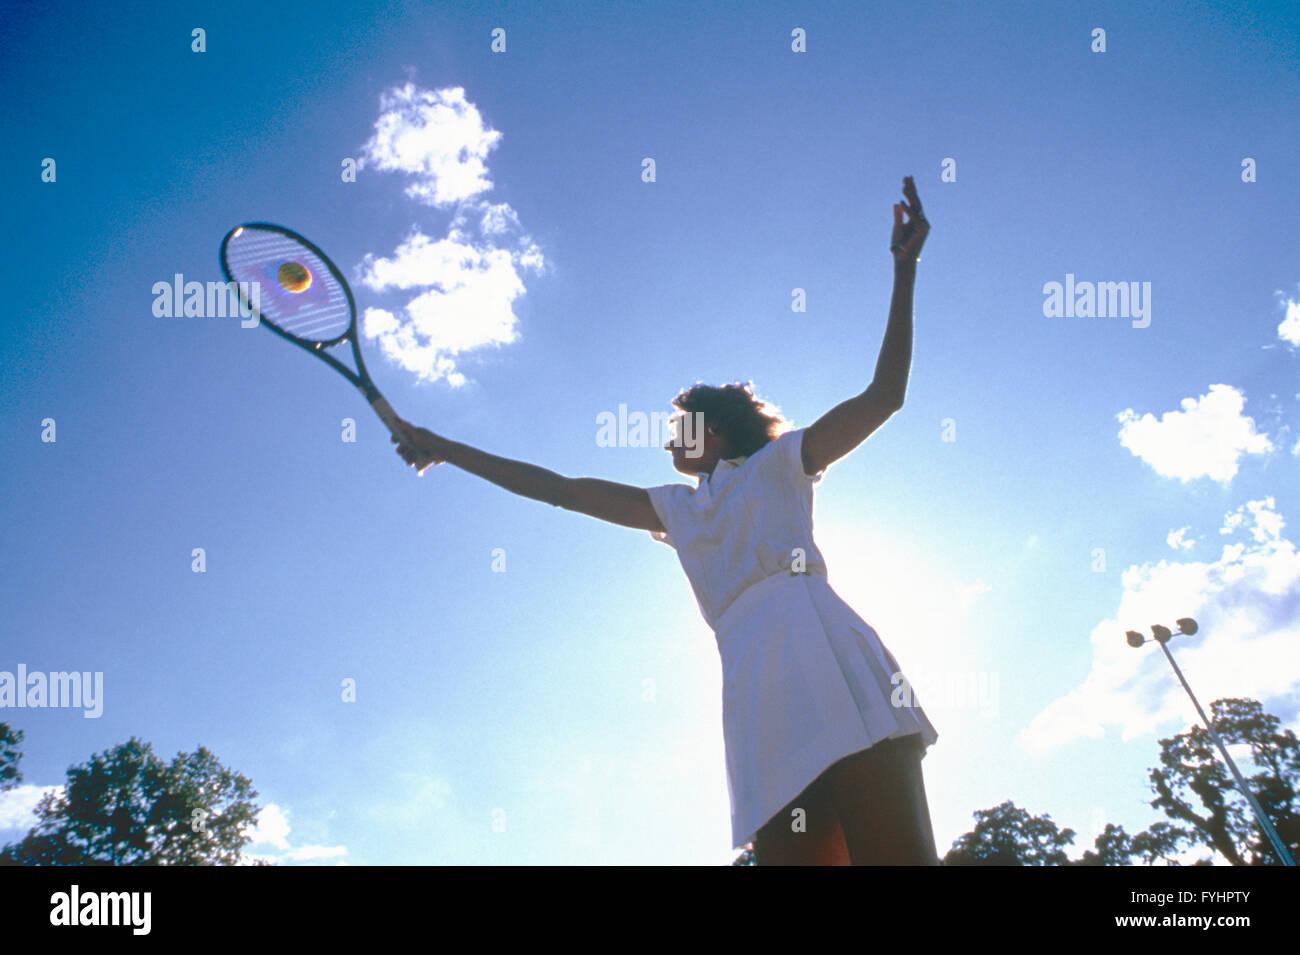 Femmina giocatore di tennis di colpire la palla con la racchetta Immagini Stock